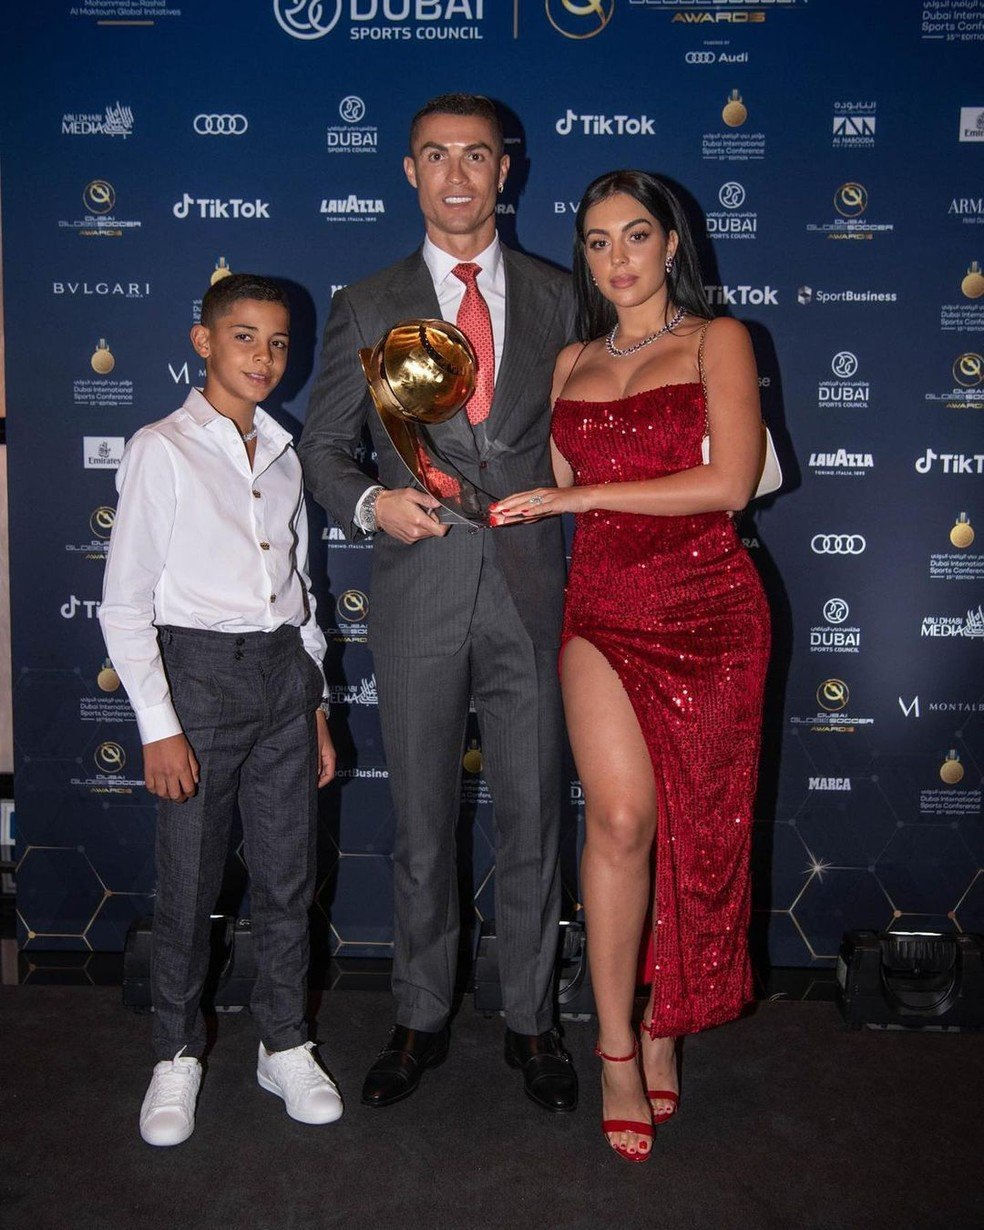 Cristiano Ronaldo ao lado do filho e da esposa Georgina - Foto: Reprodução/Instagram